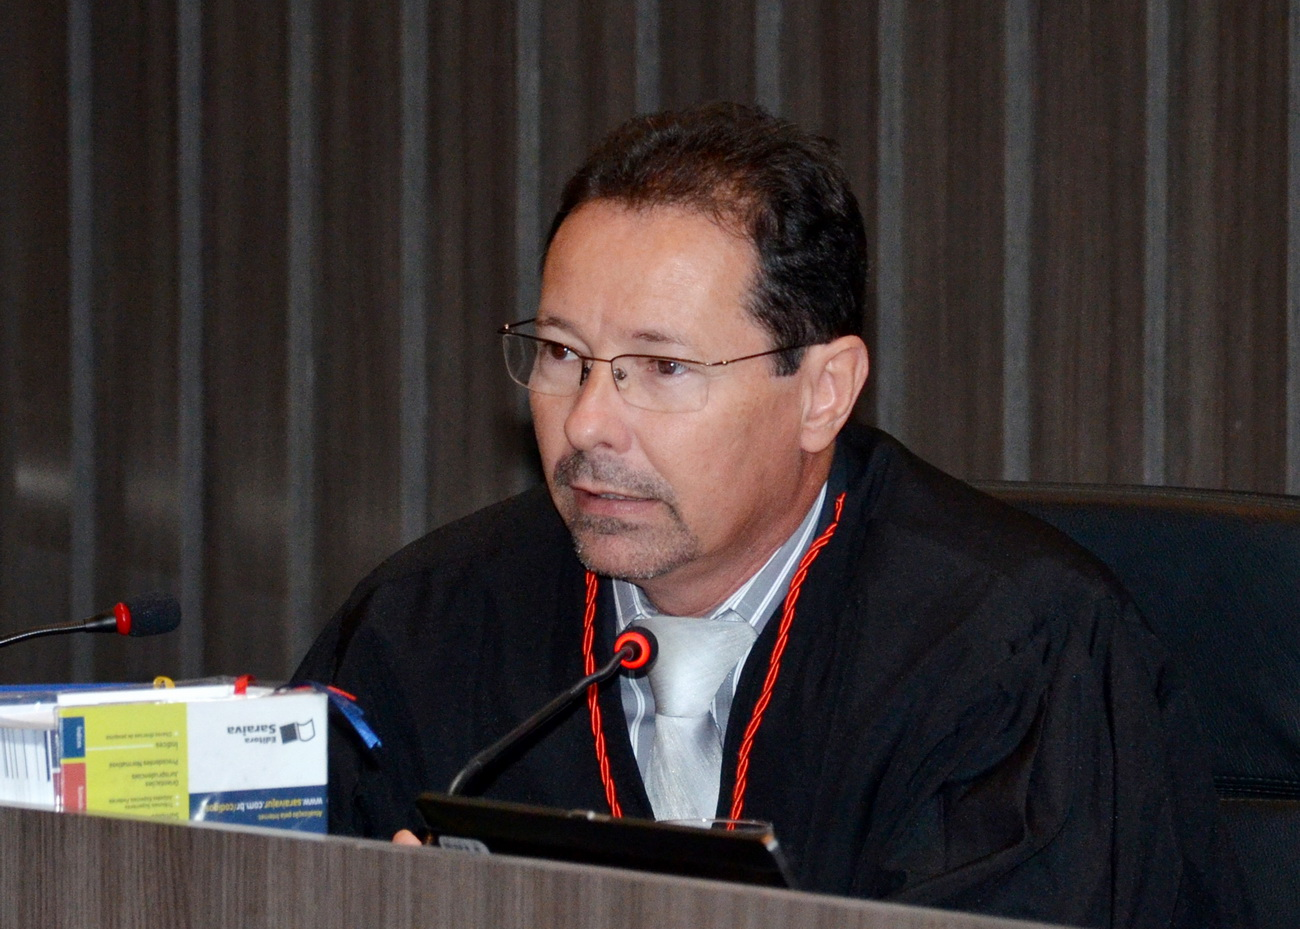 Desembargador Leandro dos Santos registra candidatura a vice-presidente do  TJPB   Tribunal de Justiça da Paraíba